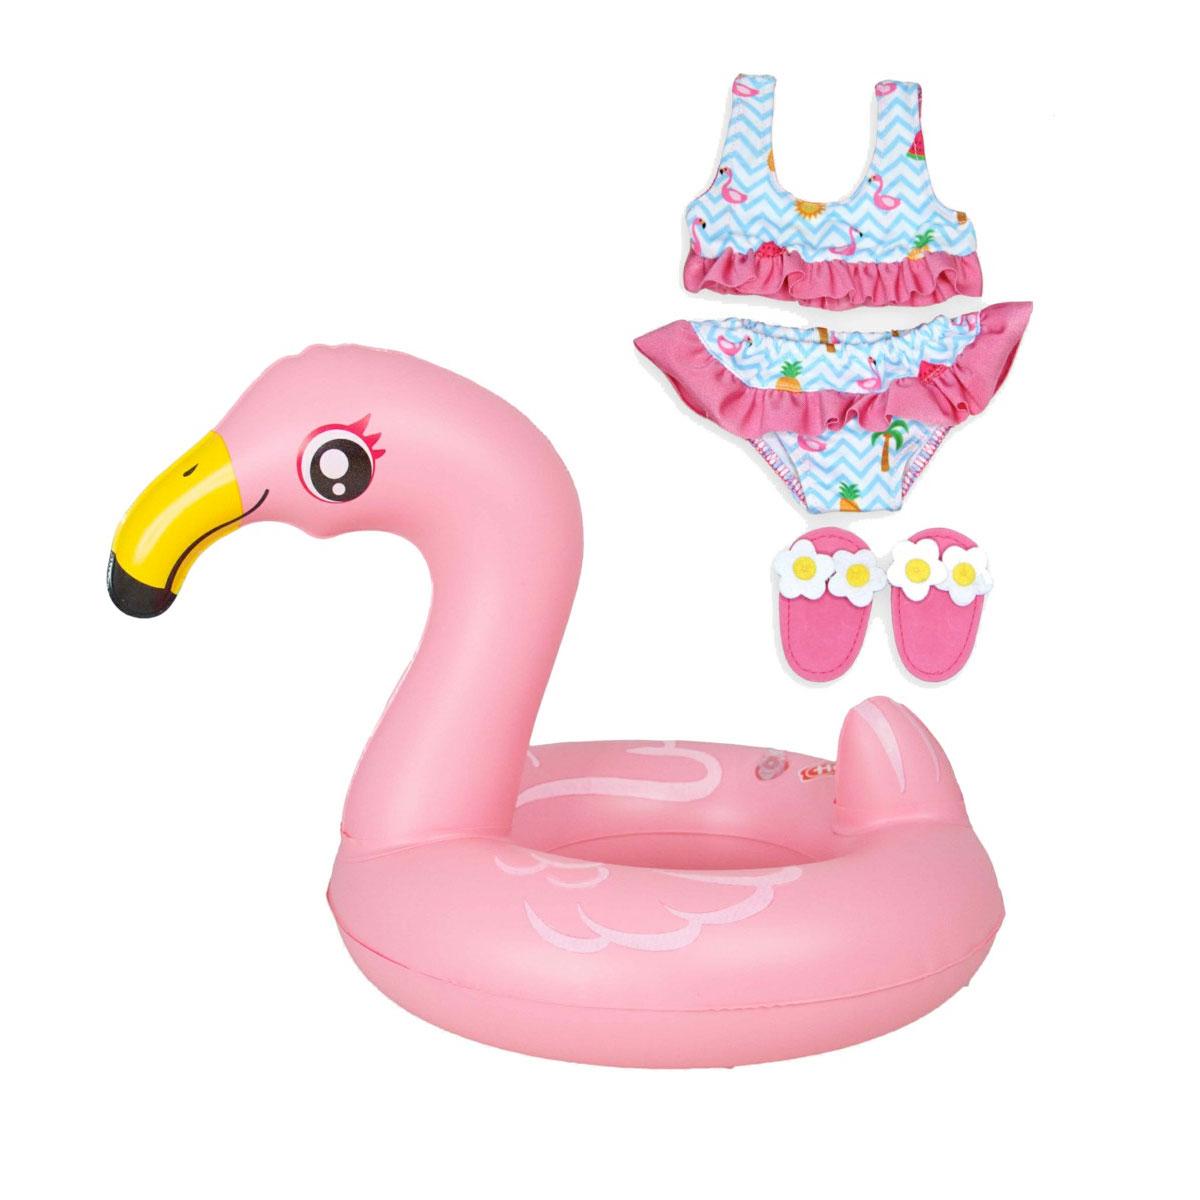 Verbazingwekkend Poppen Zwemset Flamingo, 35-45 cm online kopen | Lobbes Speelgoed BA-89